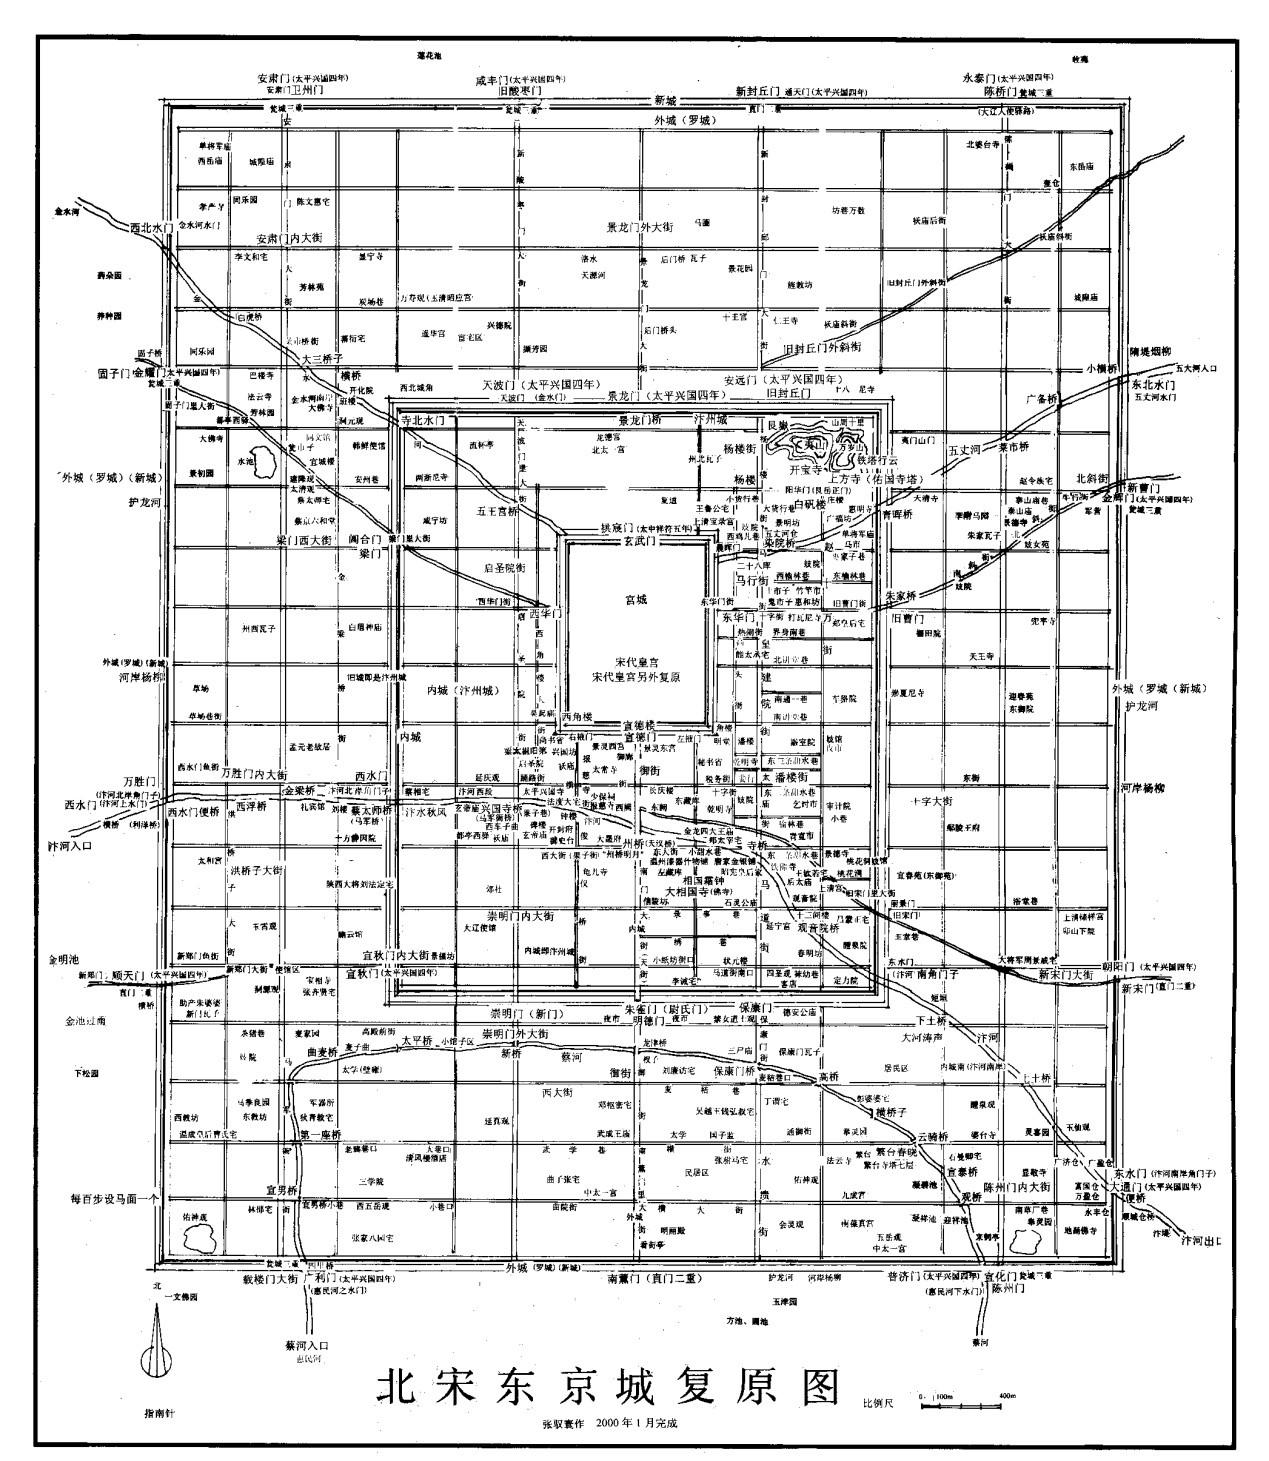 宋东京城布局图